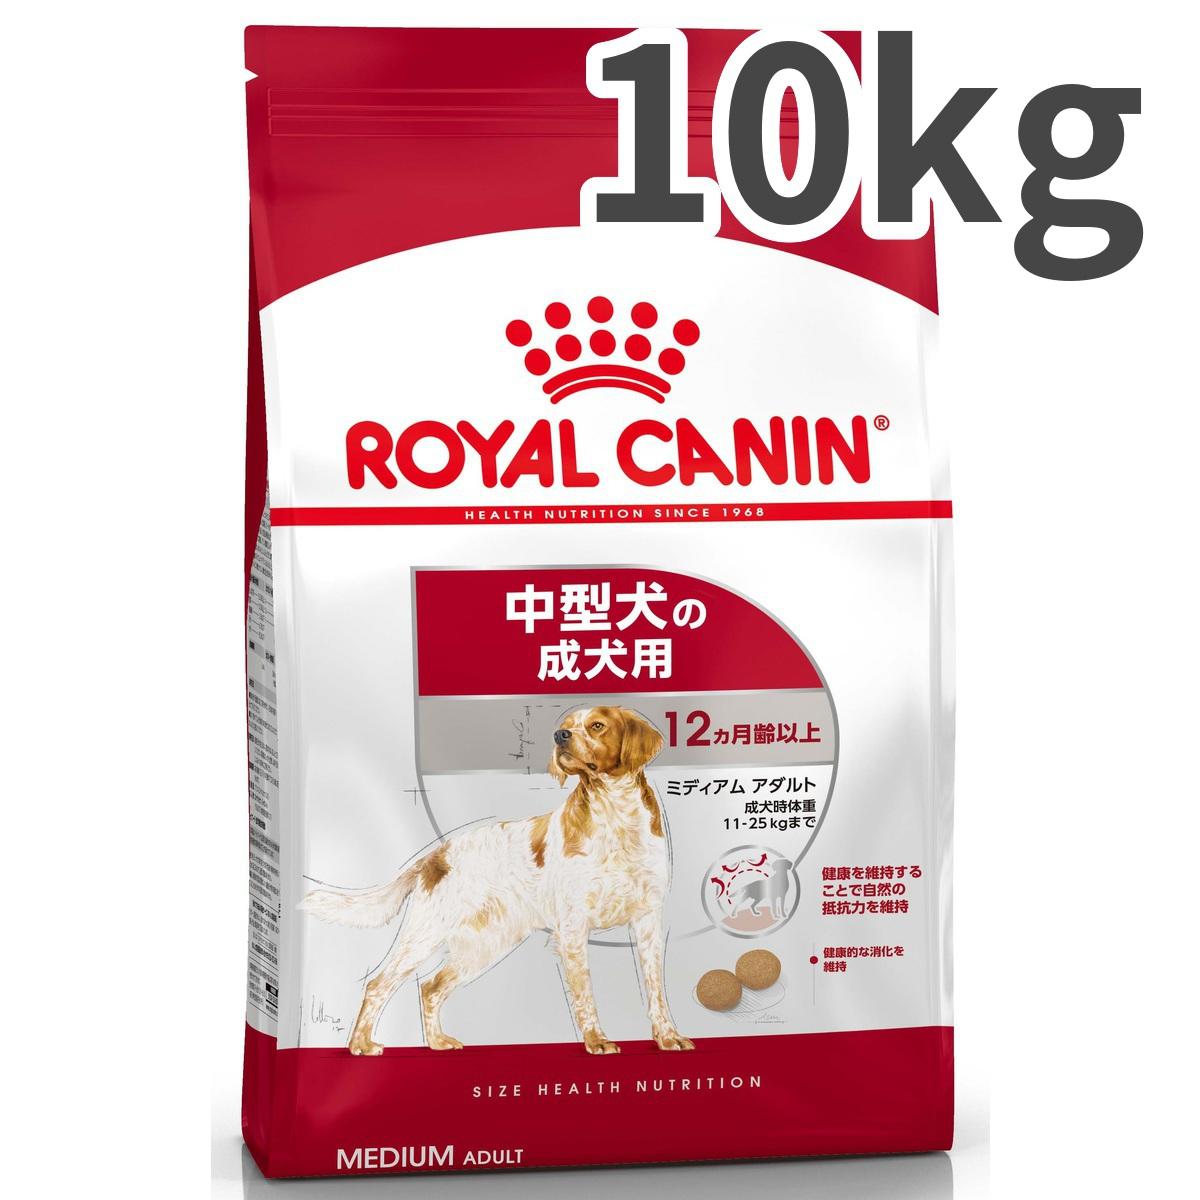 ロイヤルカナン ミディアム アダルト 12ヵ月齢以上 中型犬成犬用 10kg【送料無料】